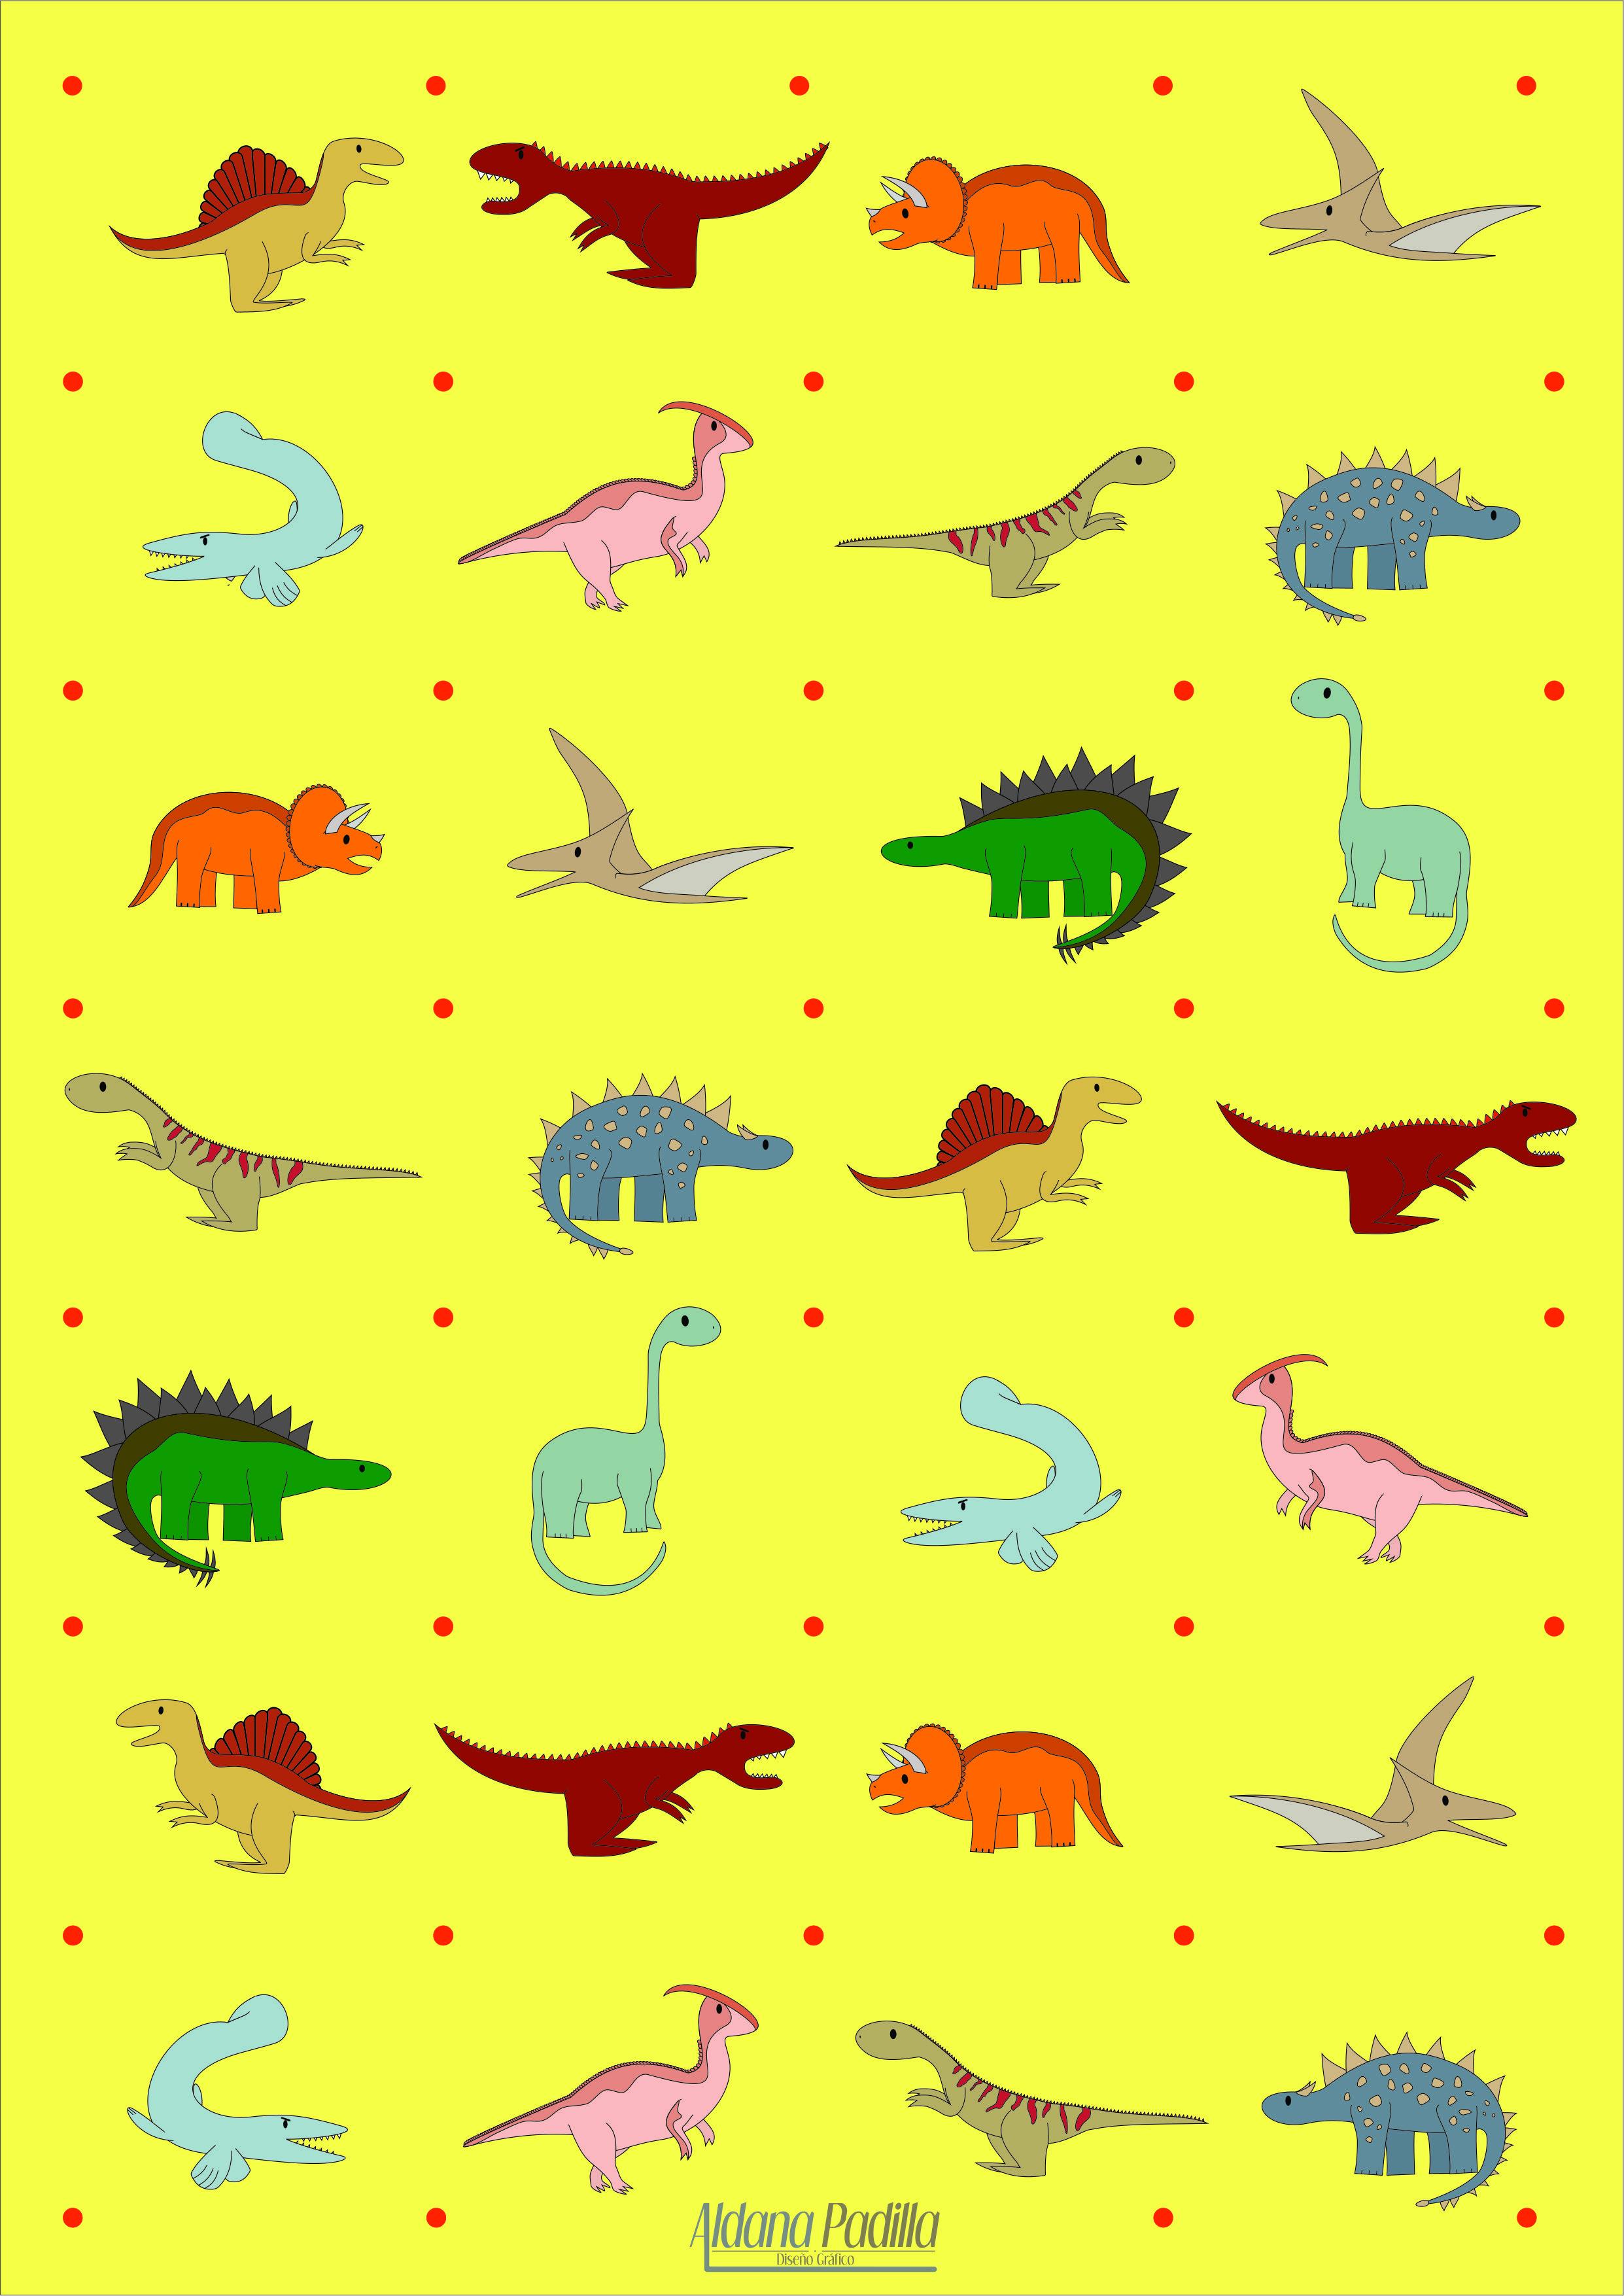 Dinosaurios Fondo Ilustracion Whatsapp Dinosaurios Dinosaurio Kawaii Fondos De Dinosaurios Cada dinosaurio fondo de pantalla es genial, ¡solo instala esta aplicación y disfruta! fondos de dinosaurios